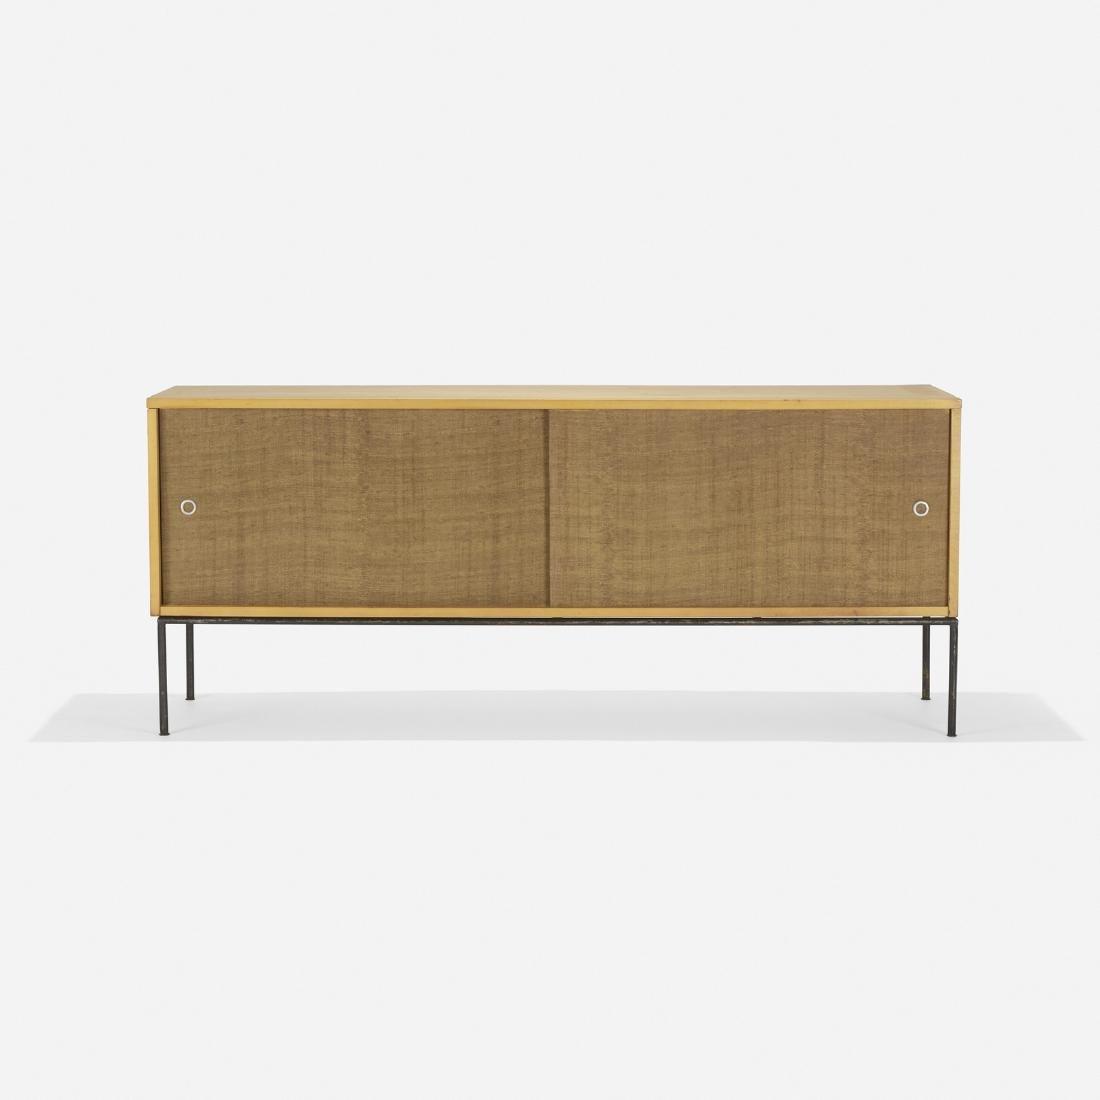 Paul McCobb, Planner Group cabinet, model 1513-9